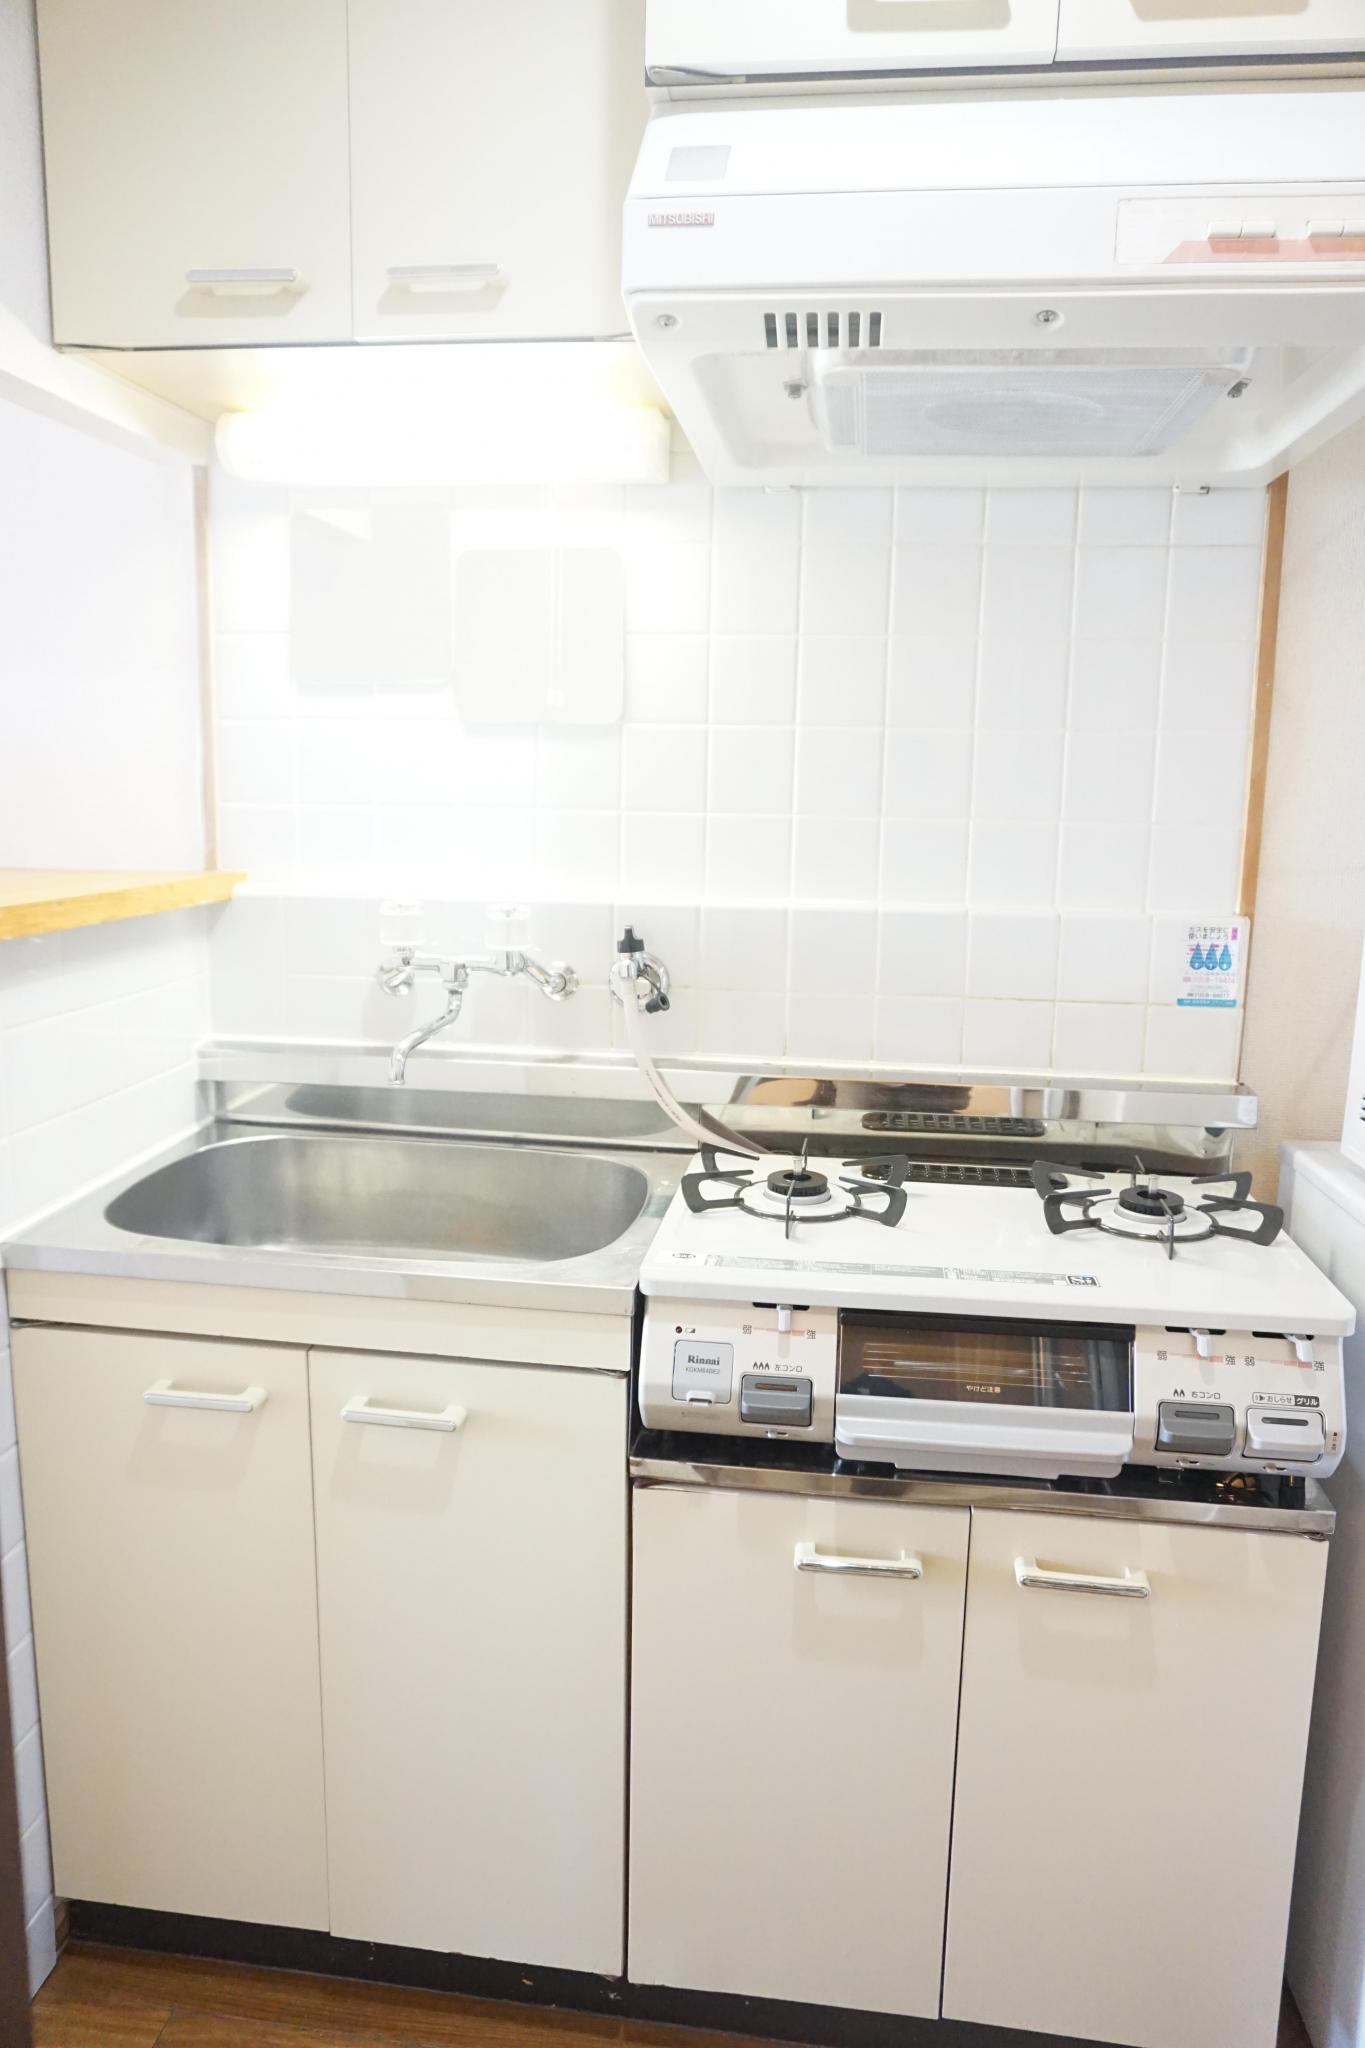 Japanese Apartment Kitchens Explained Blog